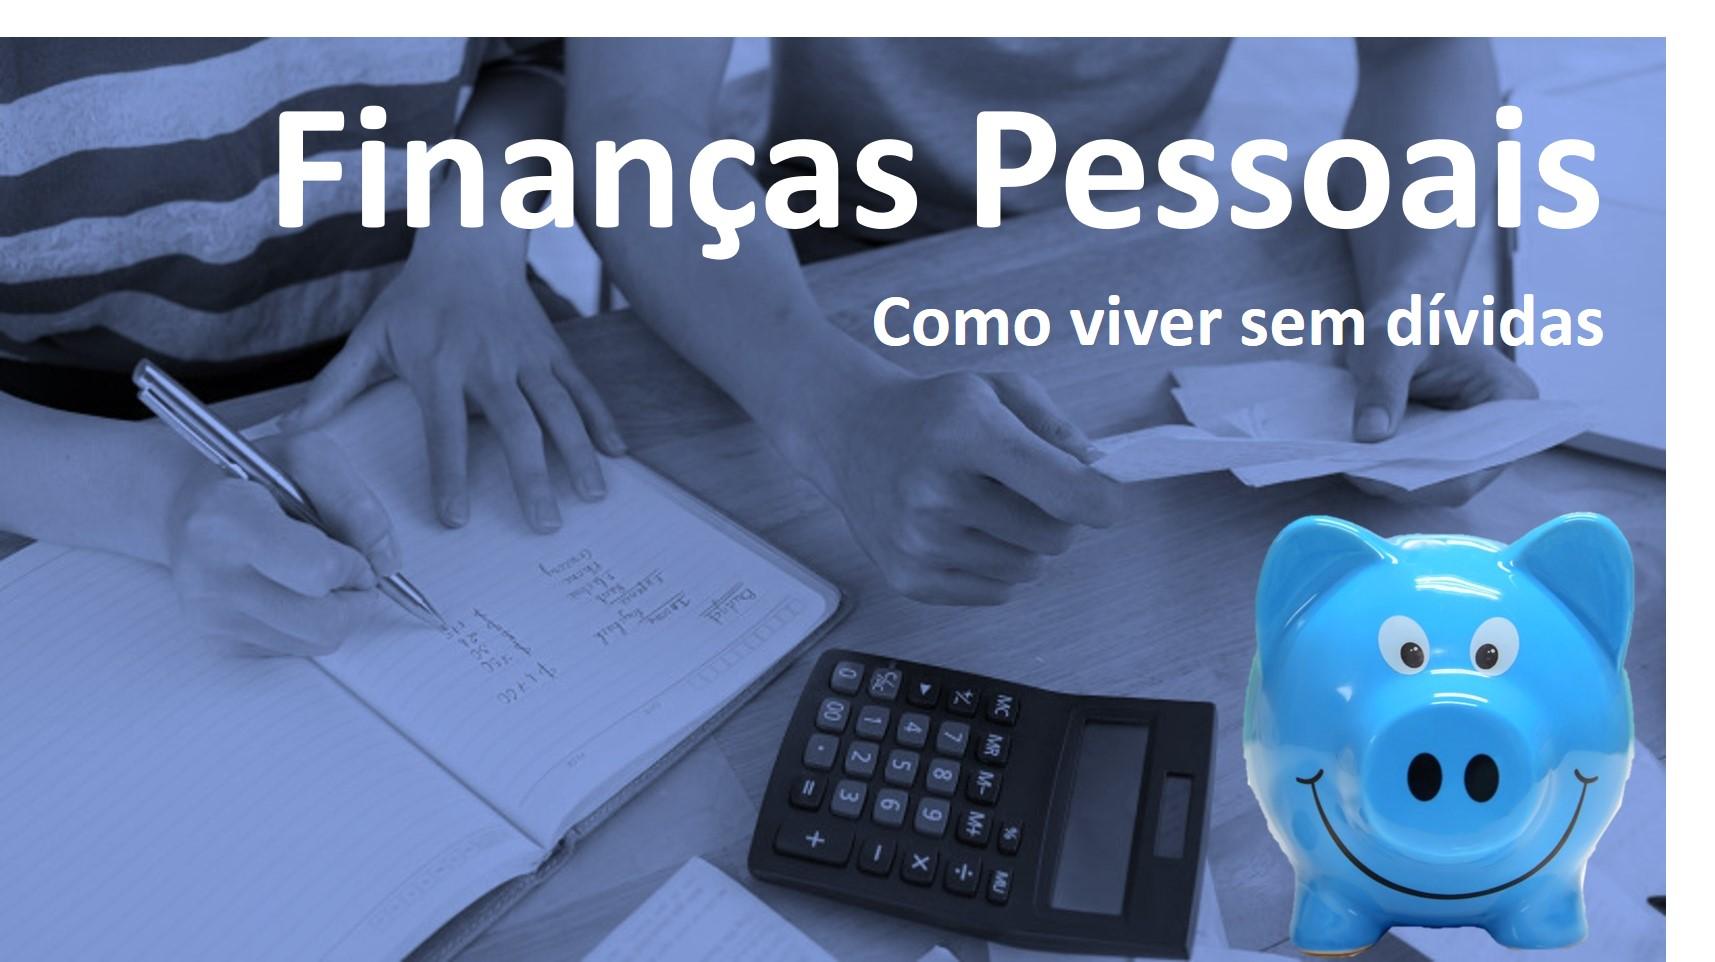 Curso Finanças Pessoais - Como viver sem dívidas